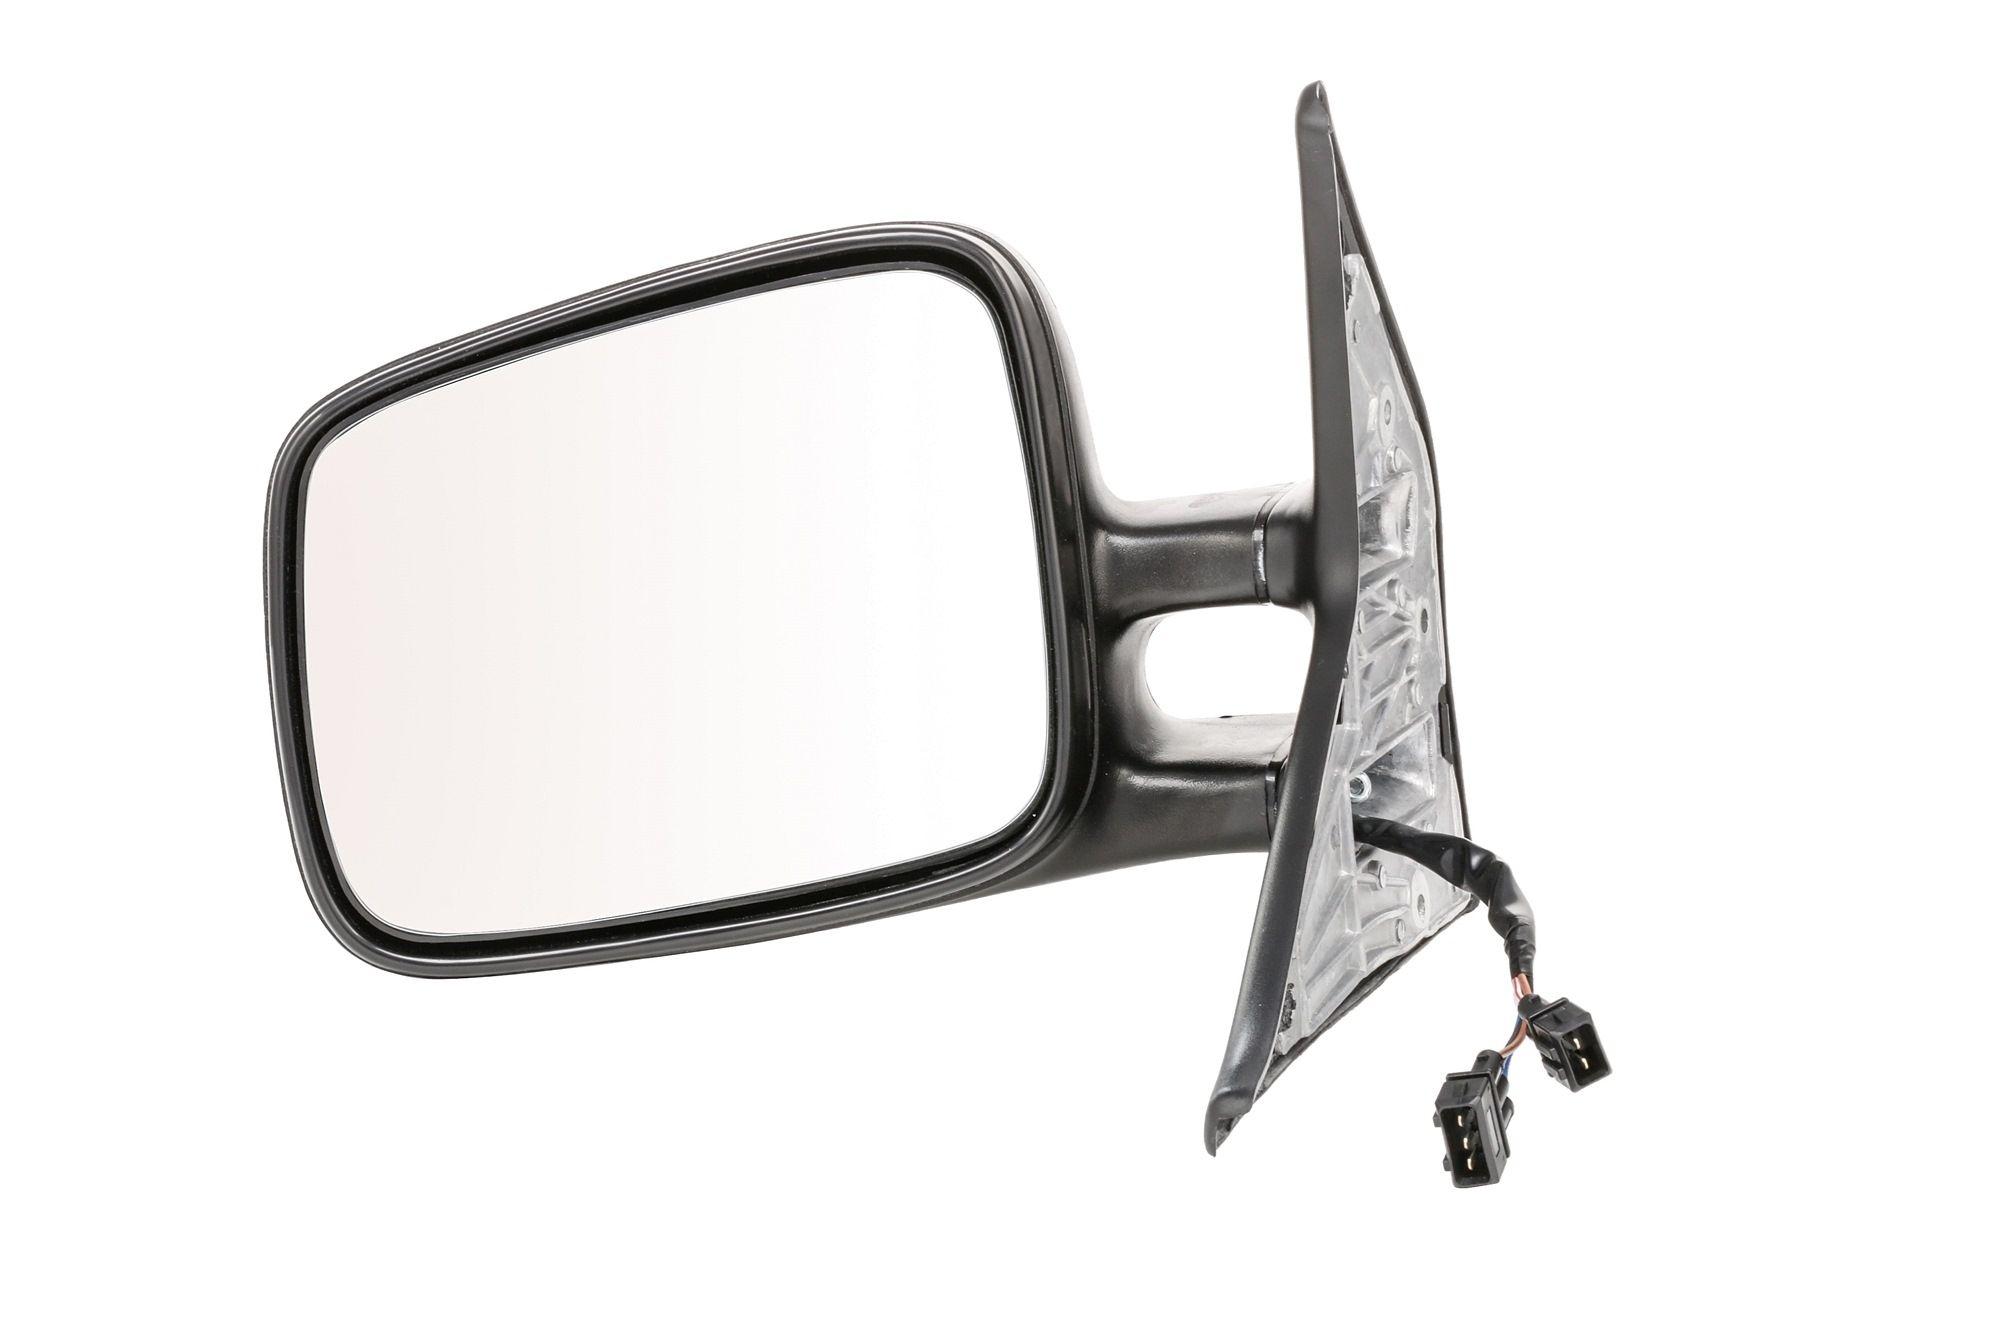 Specchio retrovisore 337-0088 acquista online 24/7